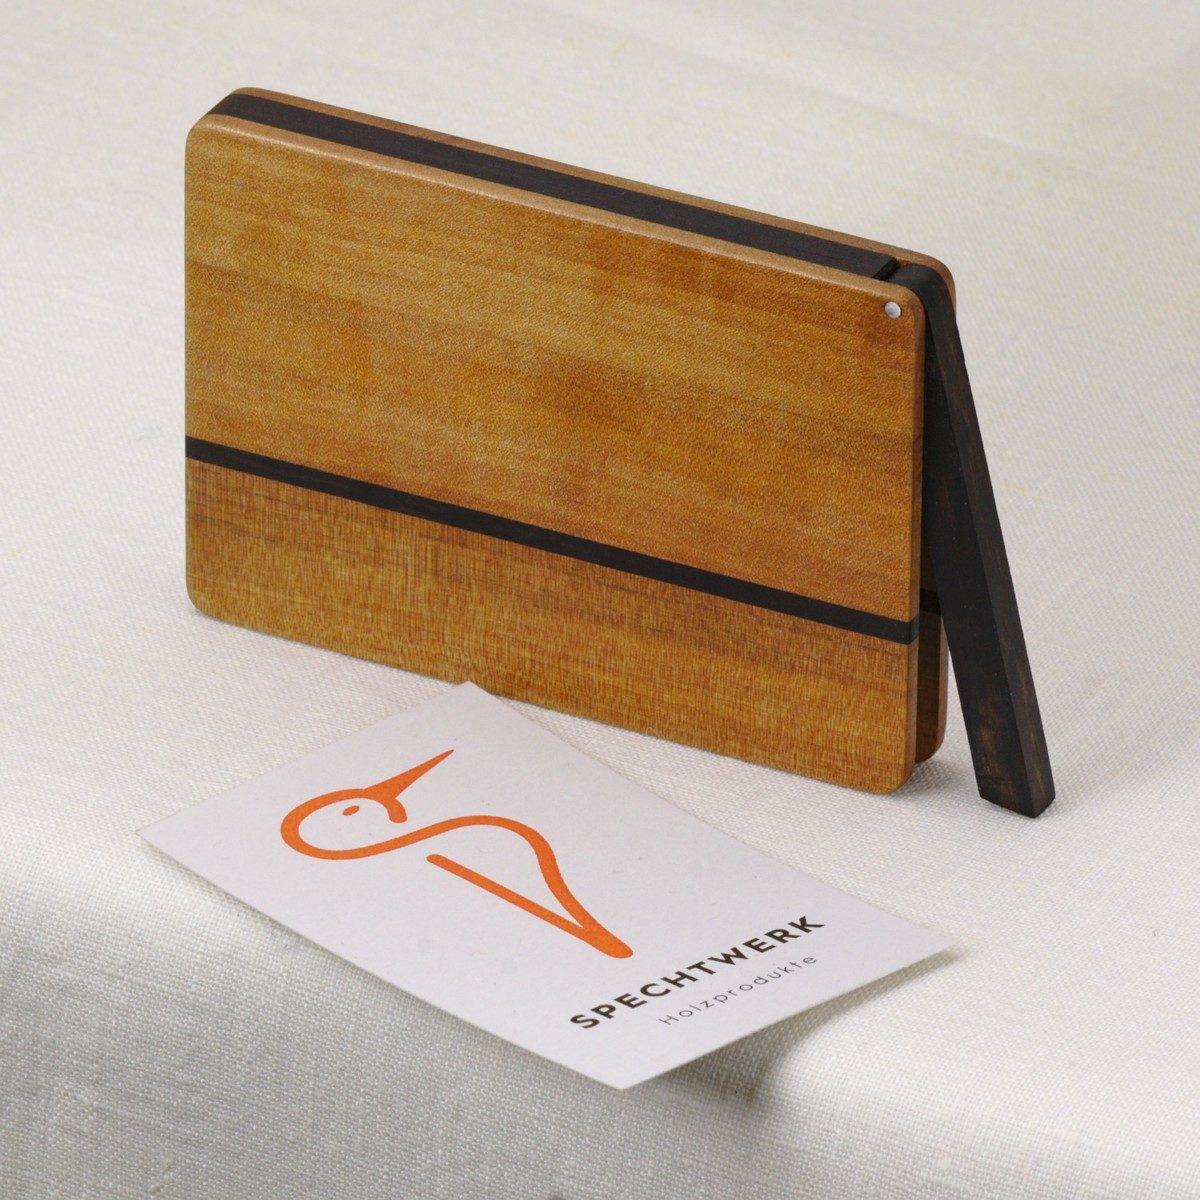 Kreditkartenetui Modell »Helene« aus Birnenholz. Handgefertigt in Deutschland. Abgerundete Form für Kartengröße 55x85mm und 55x90mm.